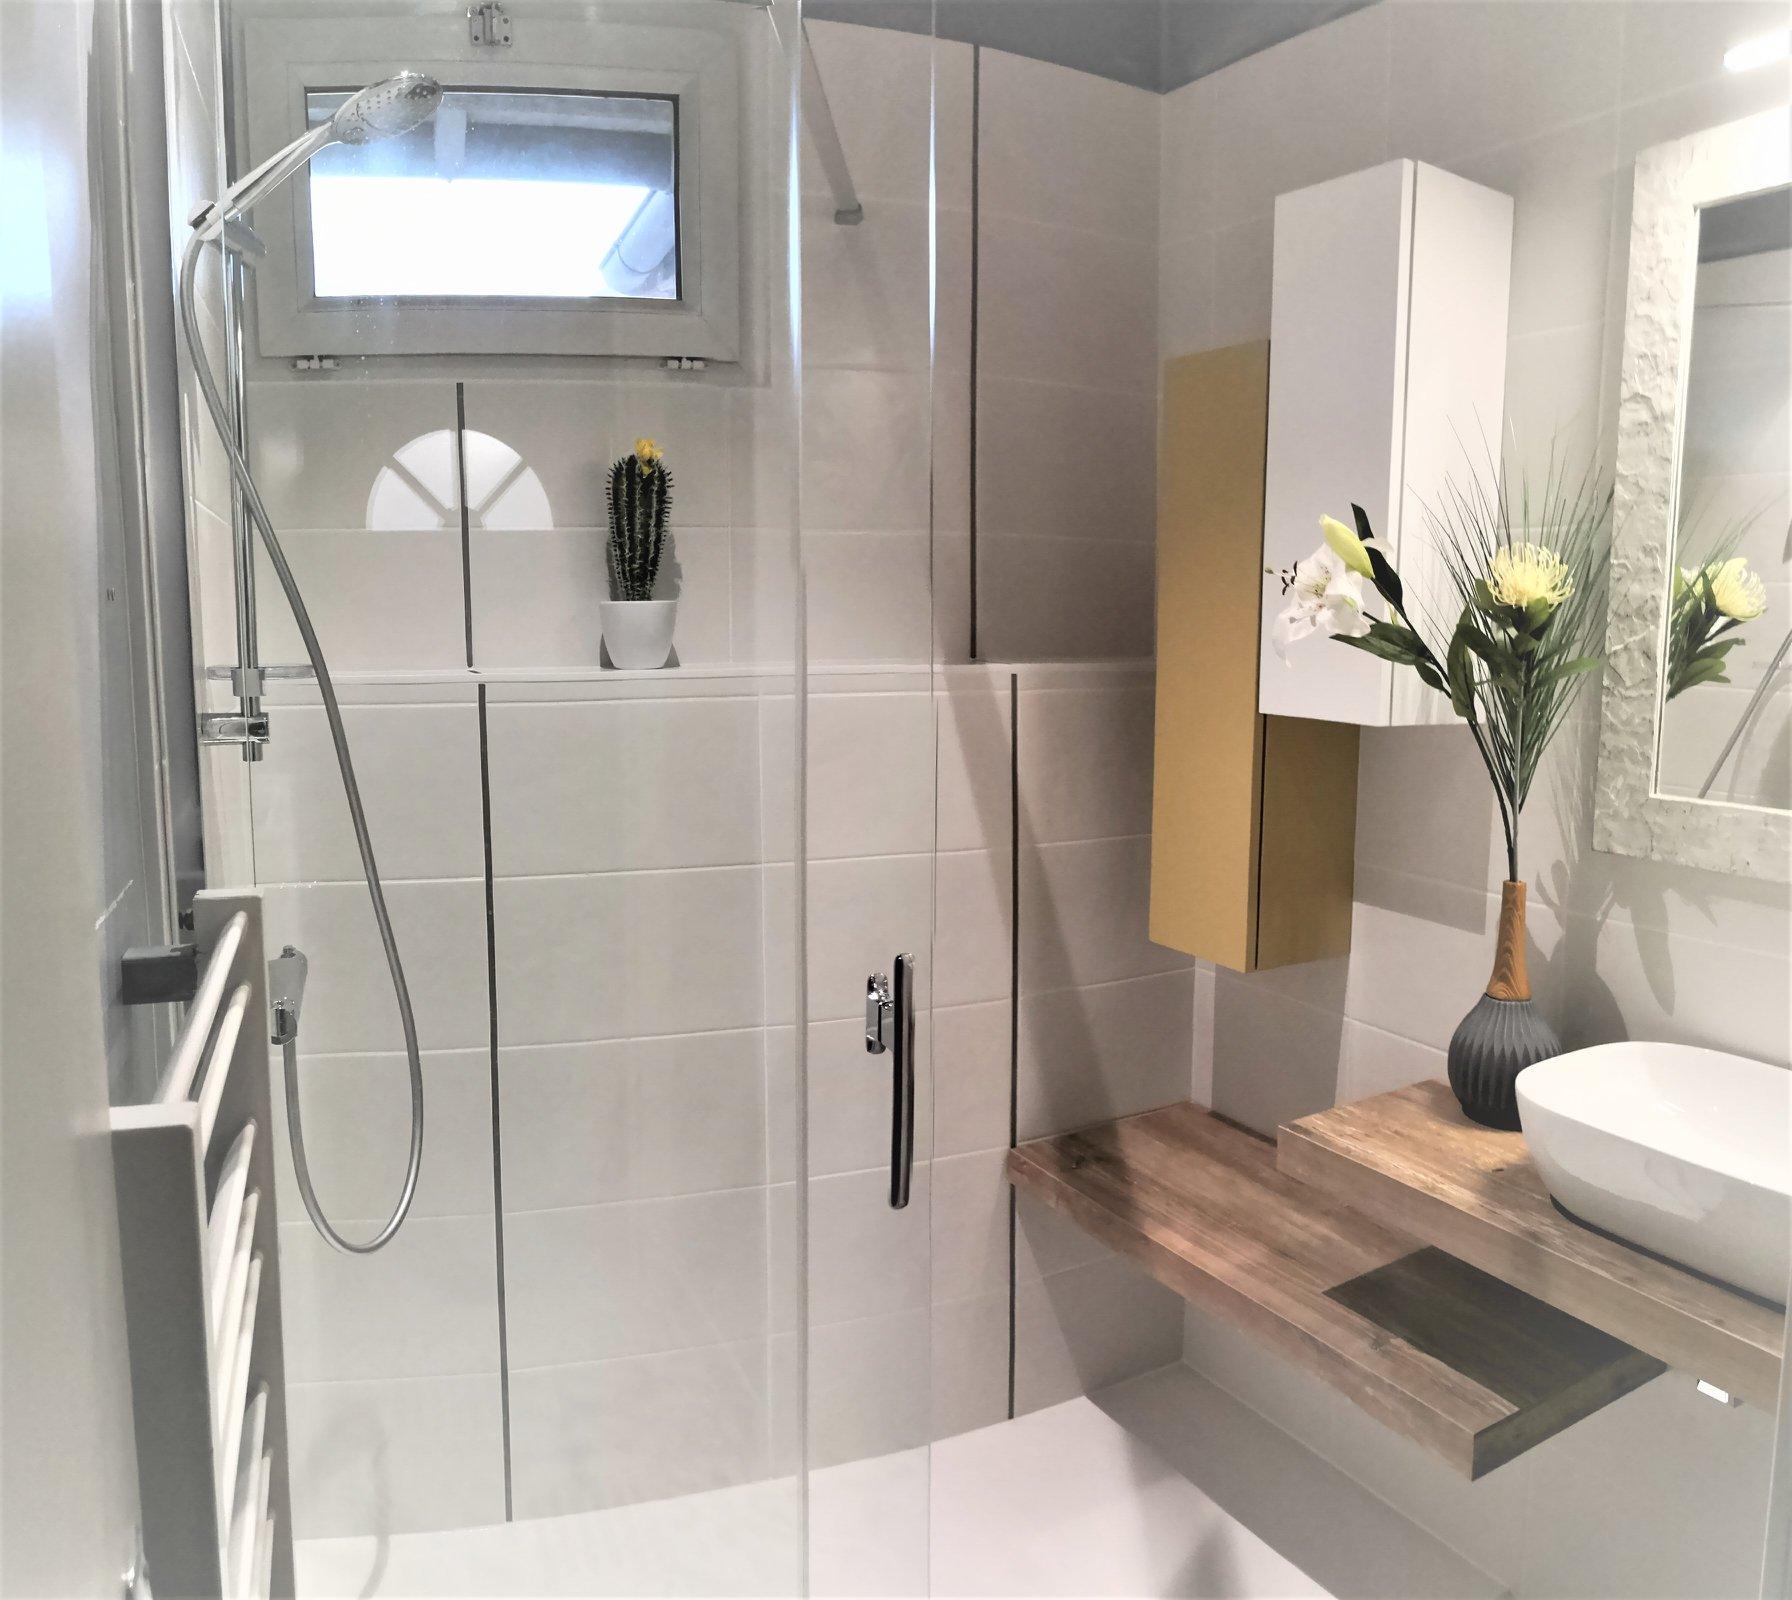 salle bain boheme chic vasque douche miroir